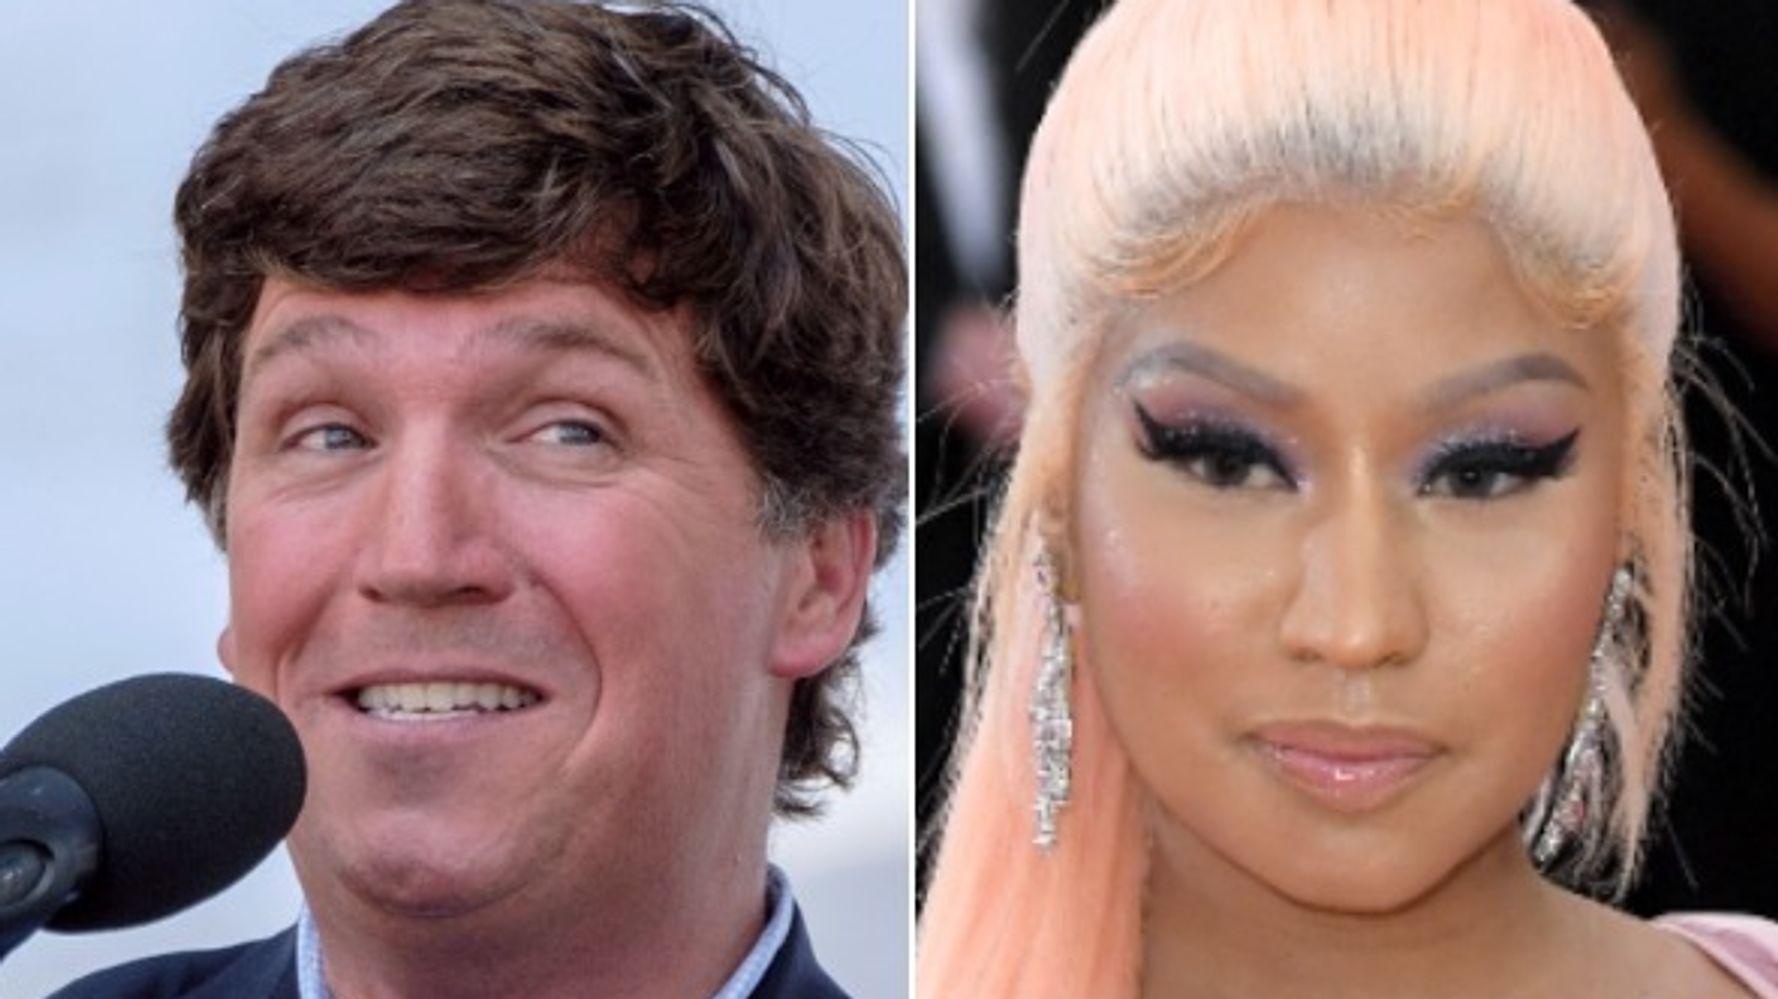 Tucker Carlson thực hiện cuộc gọi trực tuyến cho một người bạn bị sưng tấy từ anh họ của Nicki Minaj